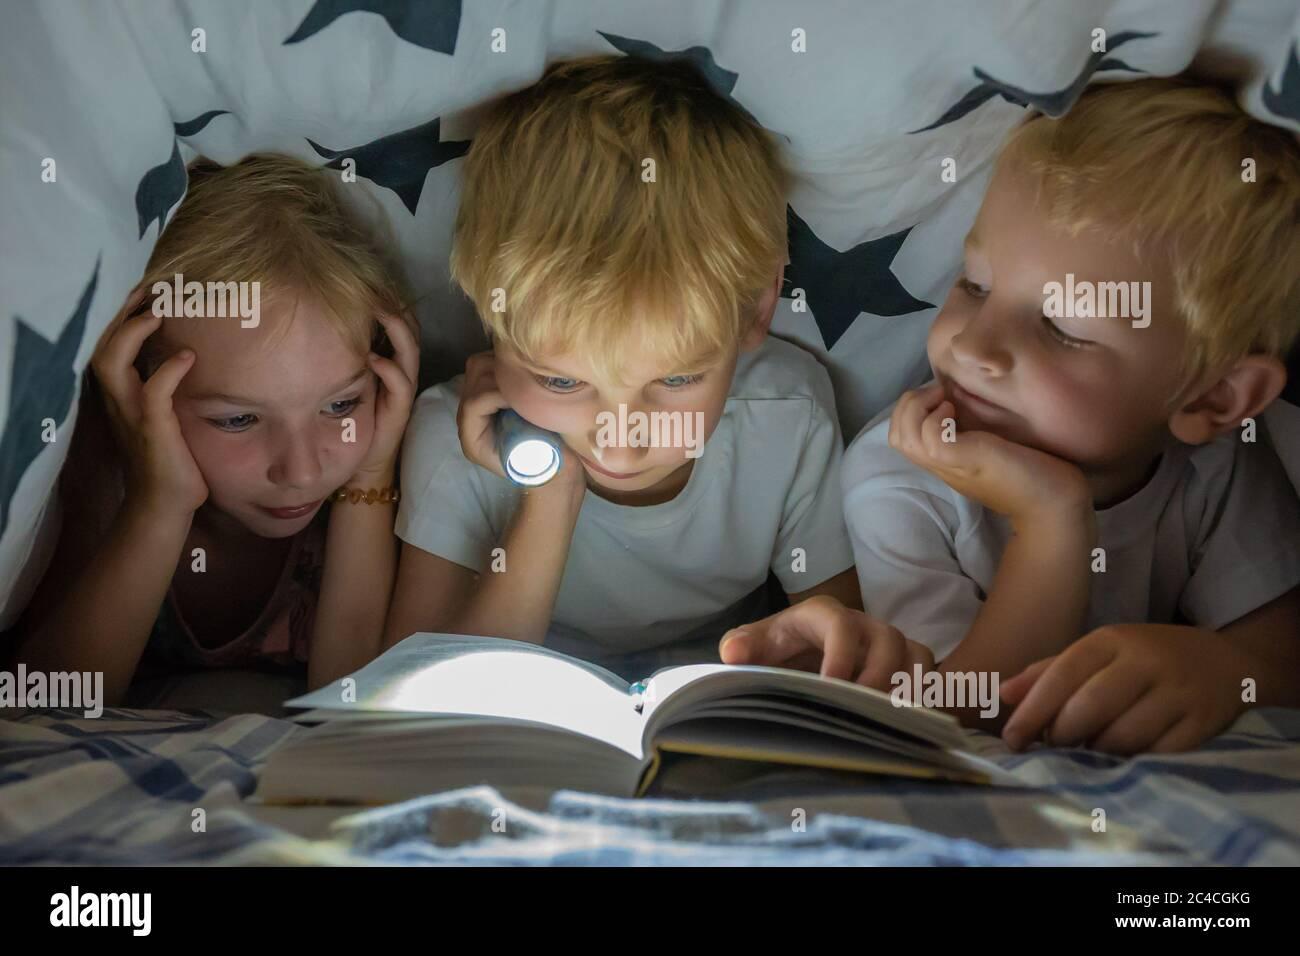 Tres niños pequeños están leyendo un libro con una linterna debajo de las cubiertas por la noche. Foto de stock